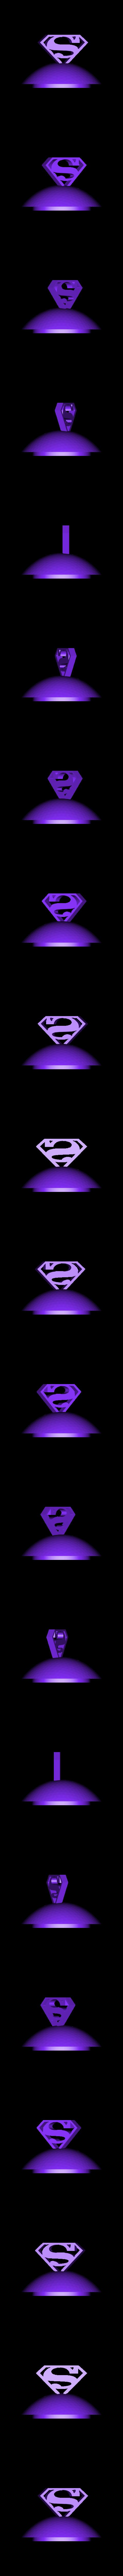 """tirelire oeuf superman couvercle.stl Télécharger fichier STL gratuit Tirelire """"oeuf superman"""" • Objet imprimable en 3D, psl"""